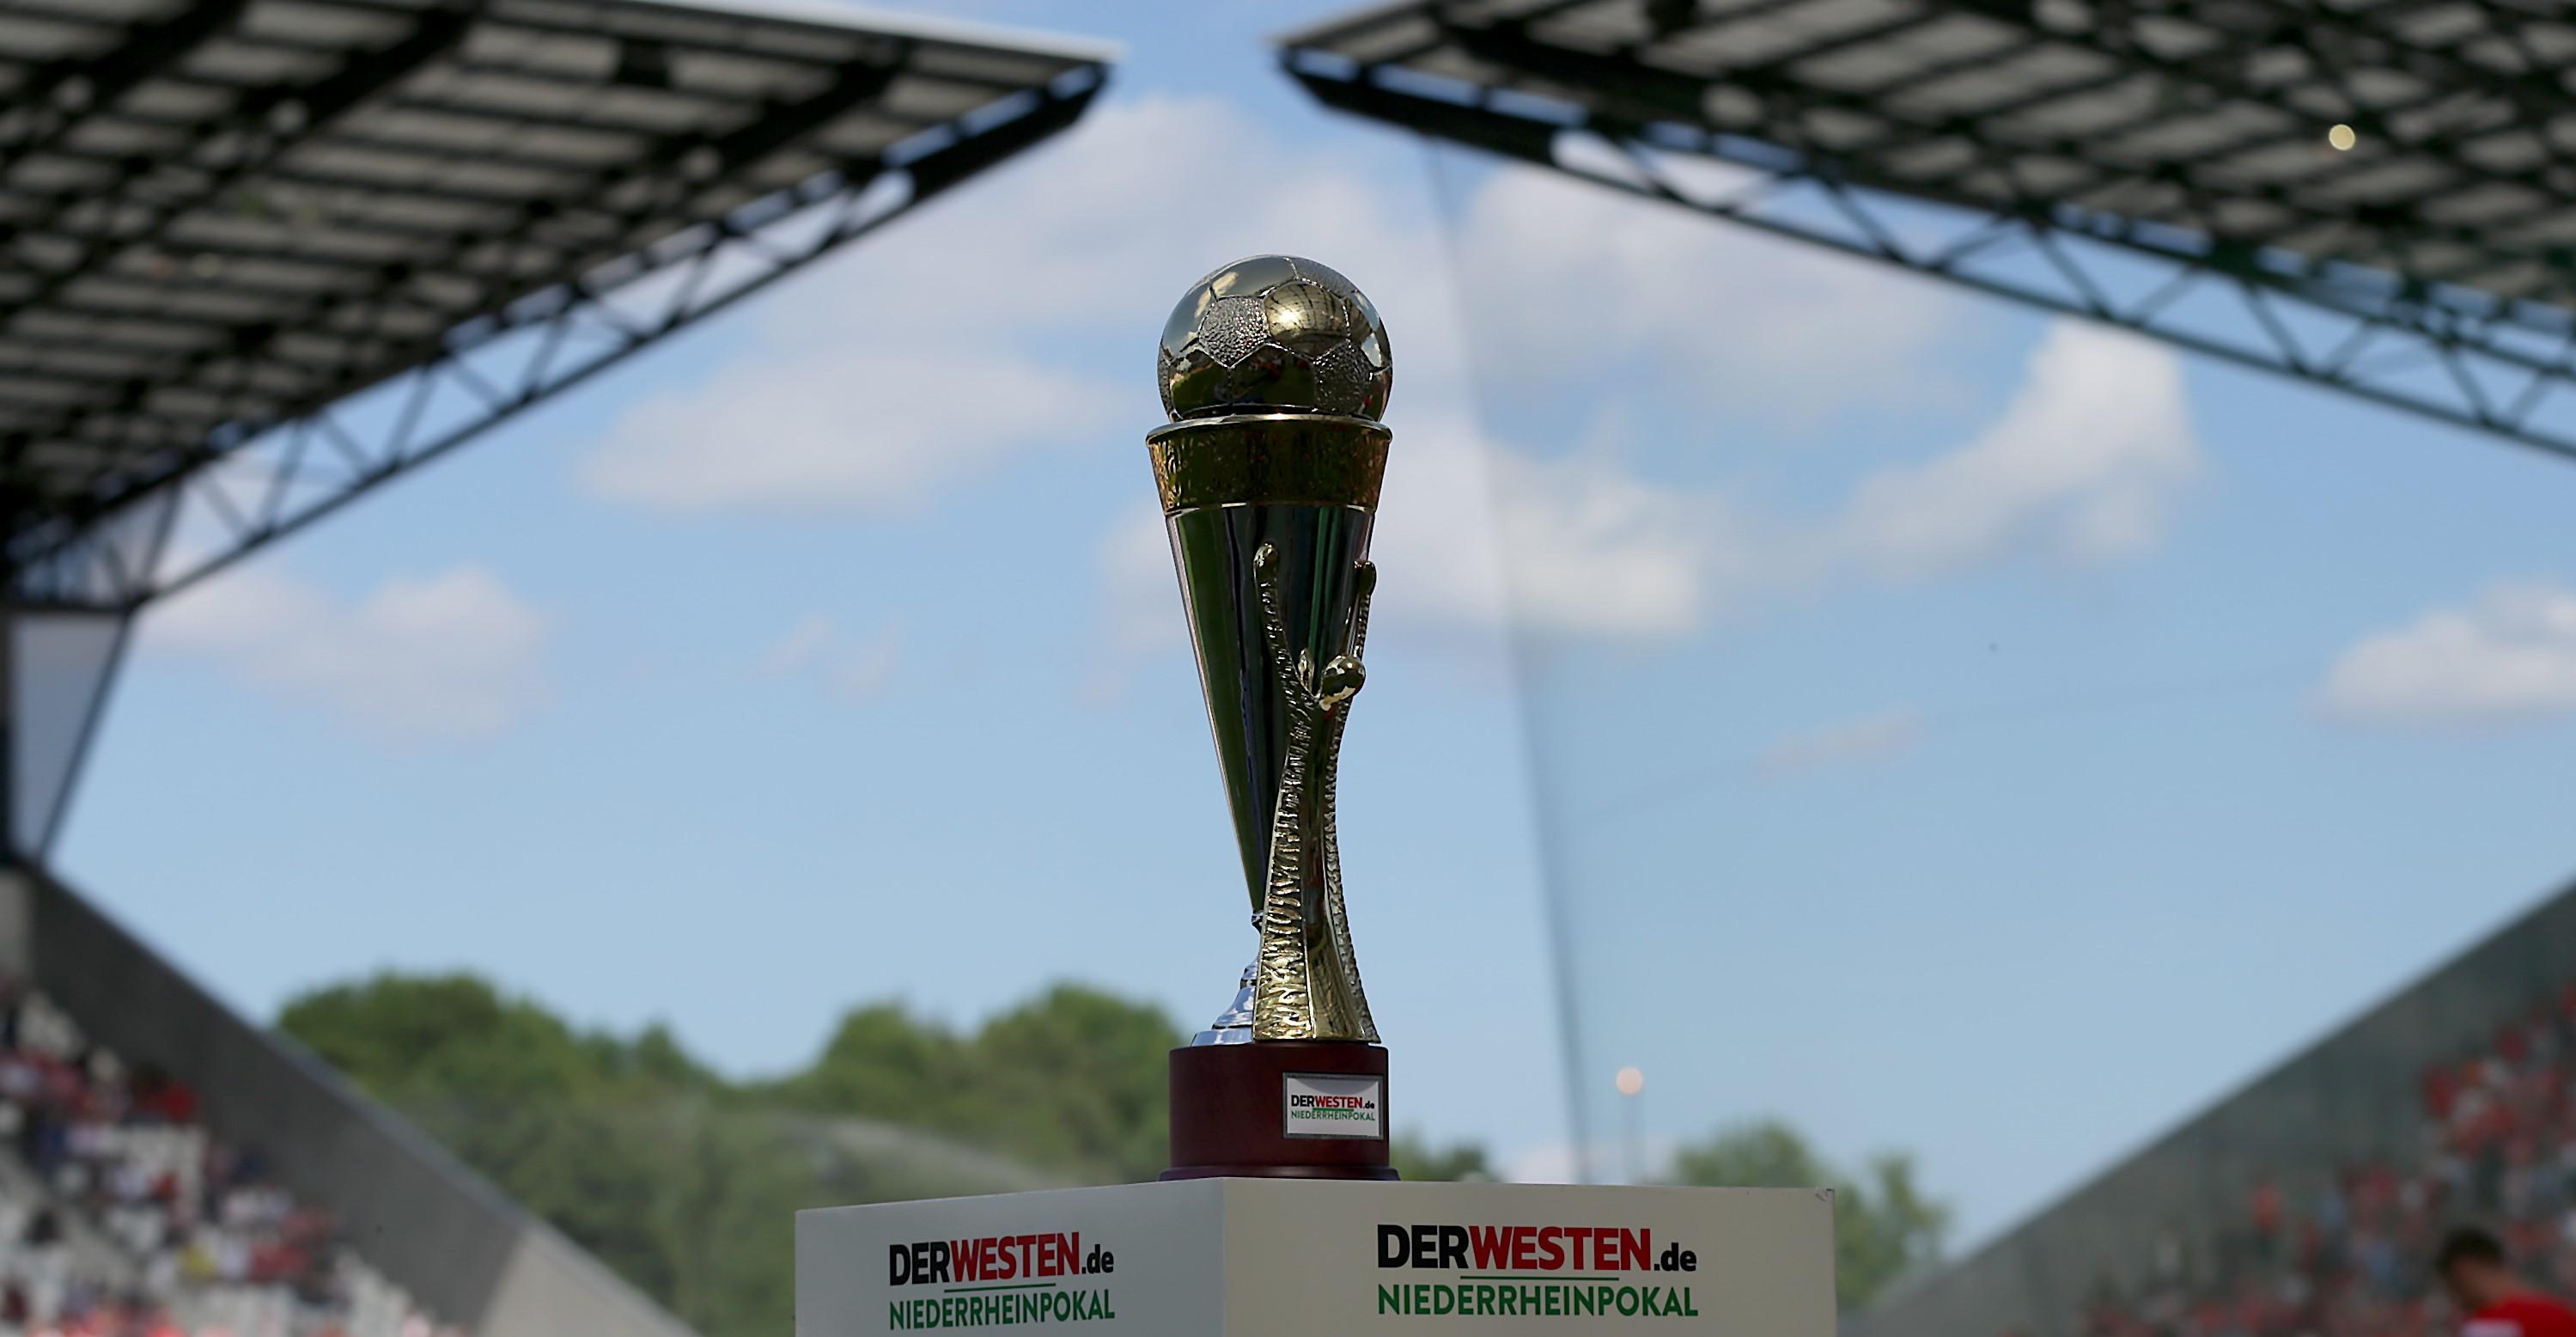 Das Viertelfinale des Niederrheinpokals ist ausgelost.